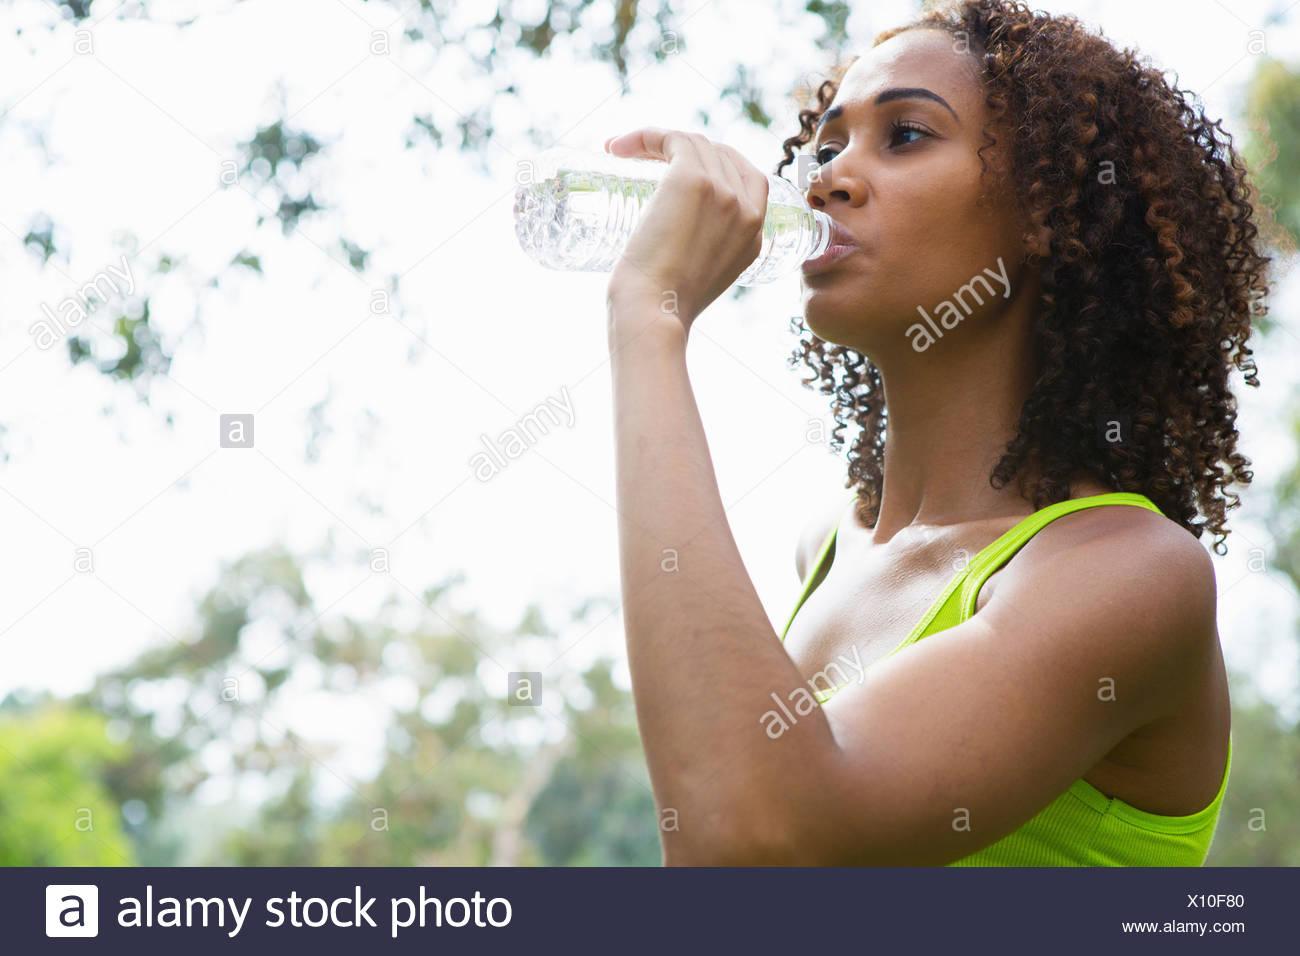 Metà donna adulta bere da una bottiglia d'acqua Immagini Stock